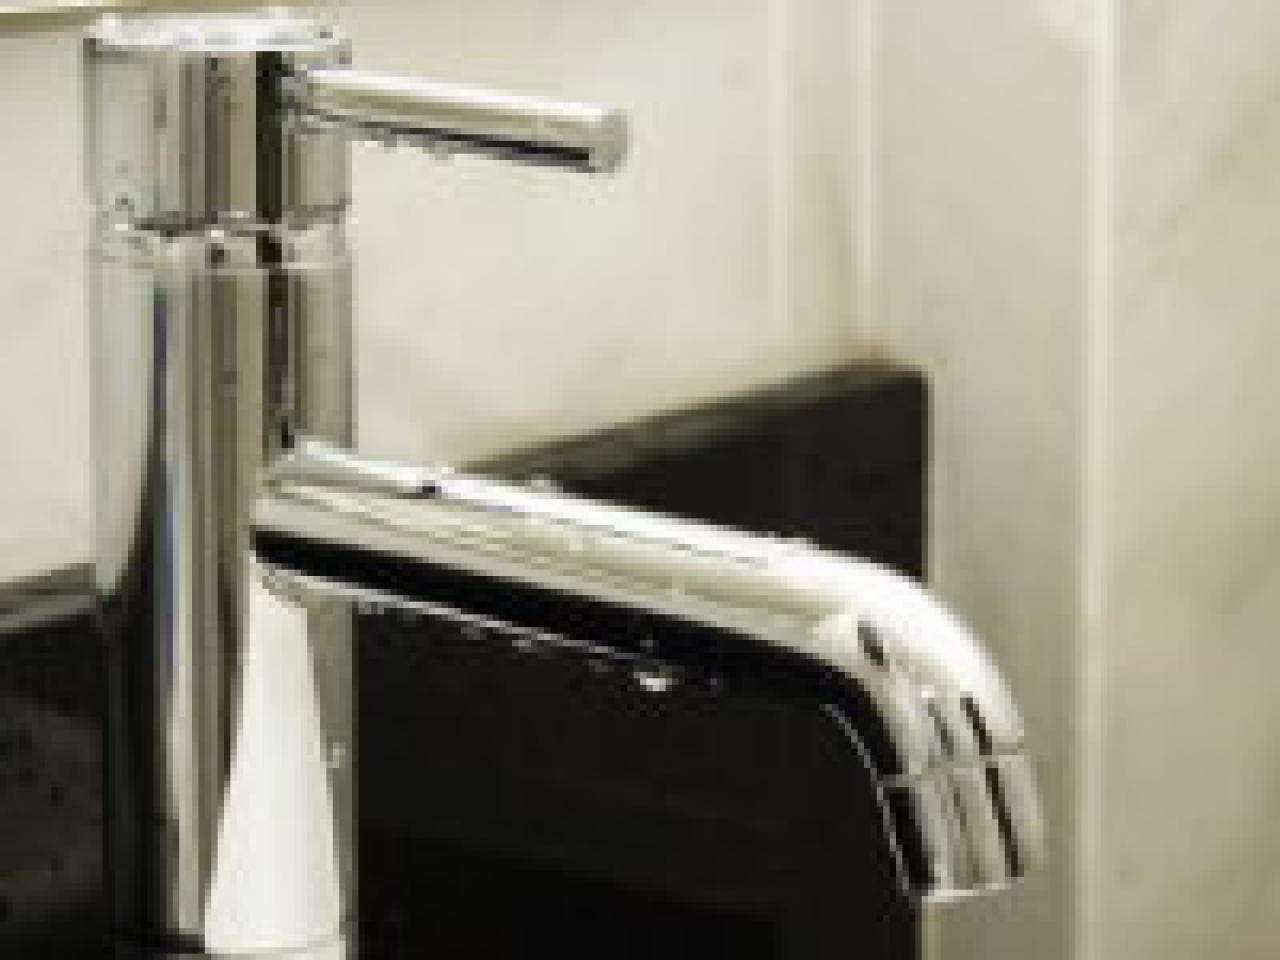 Plumbing Your Options in Bathroom Fixtures | HGTV